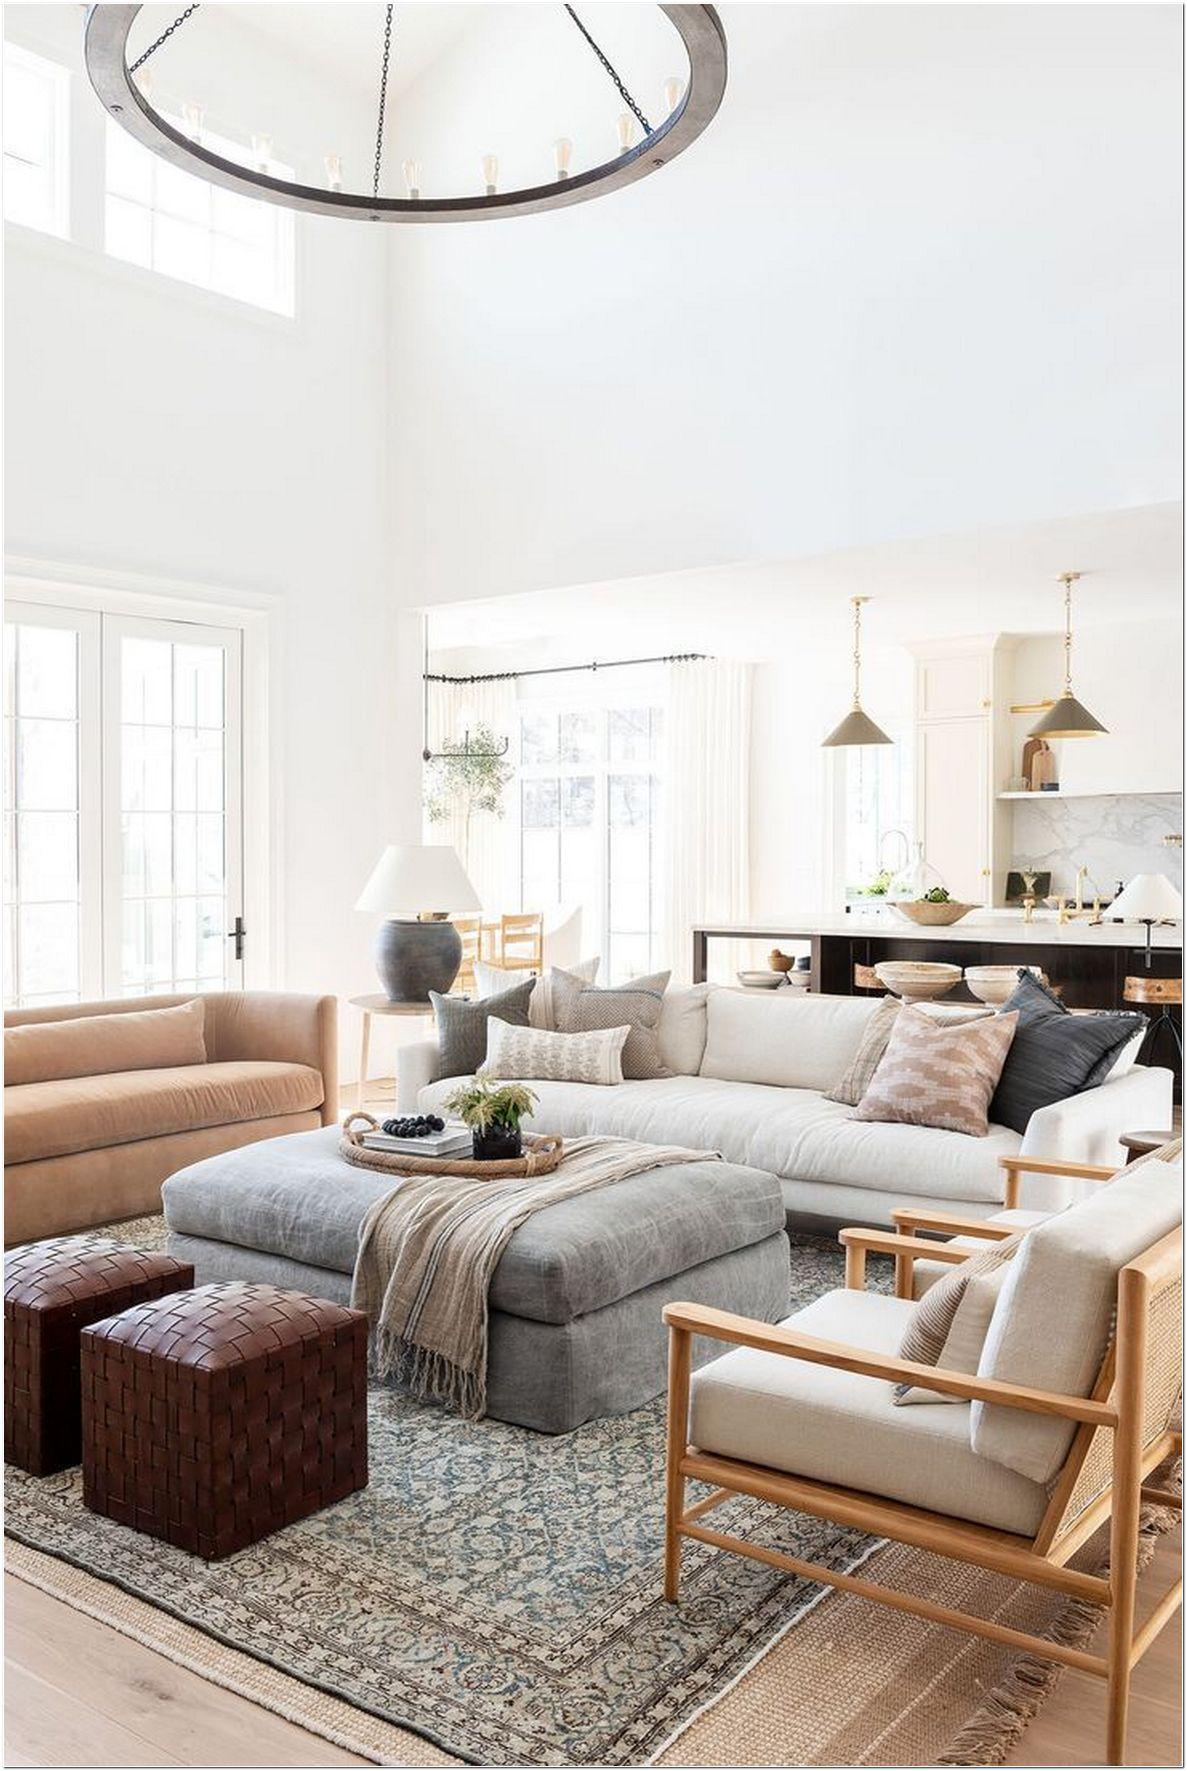 Very Small Living Room Design: 77 Boho Living Room Interior Designs